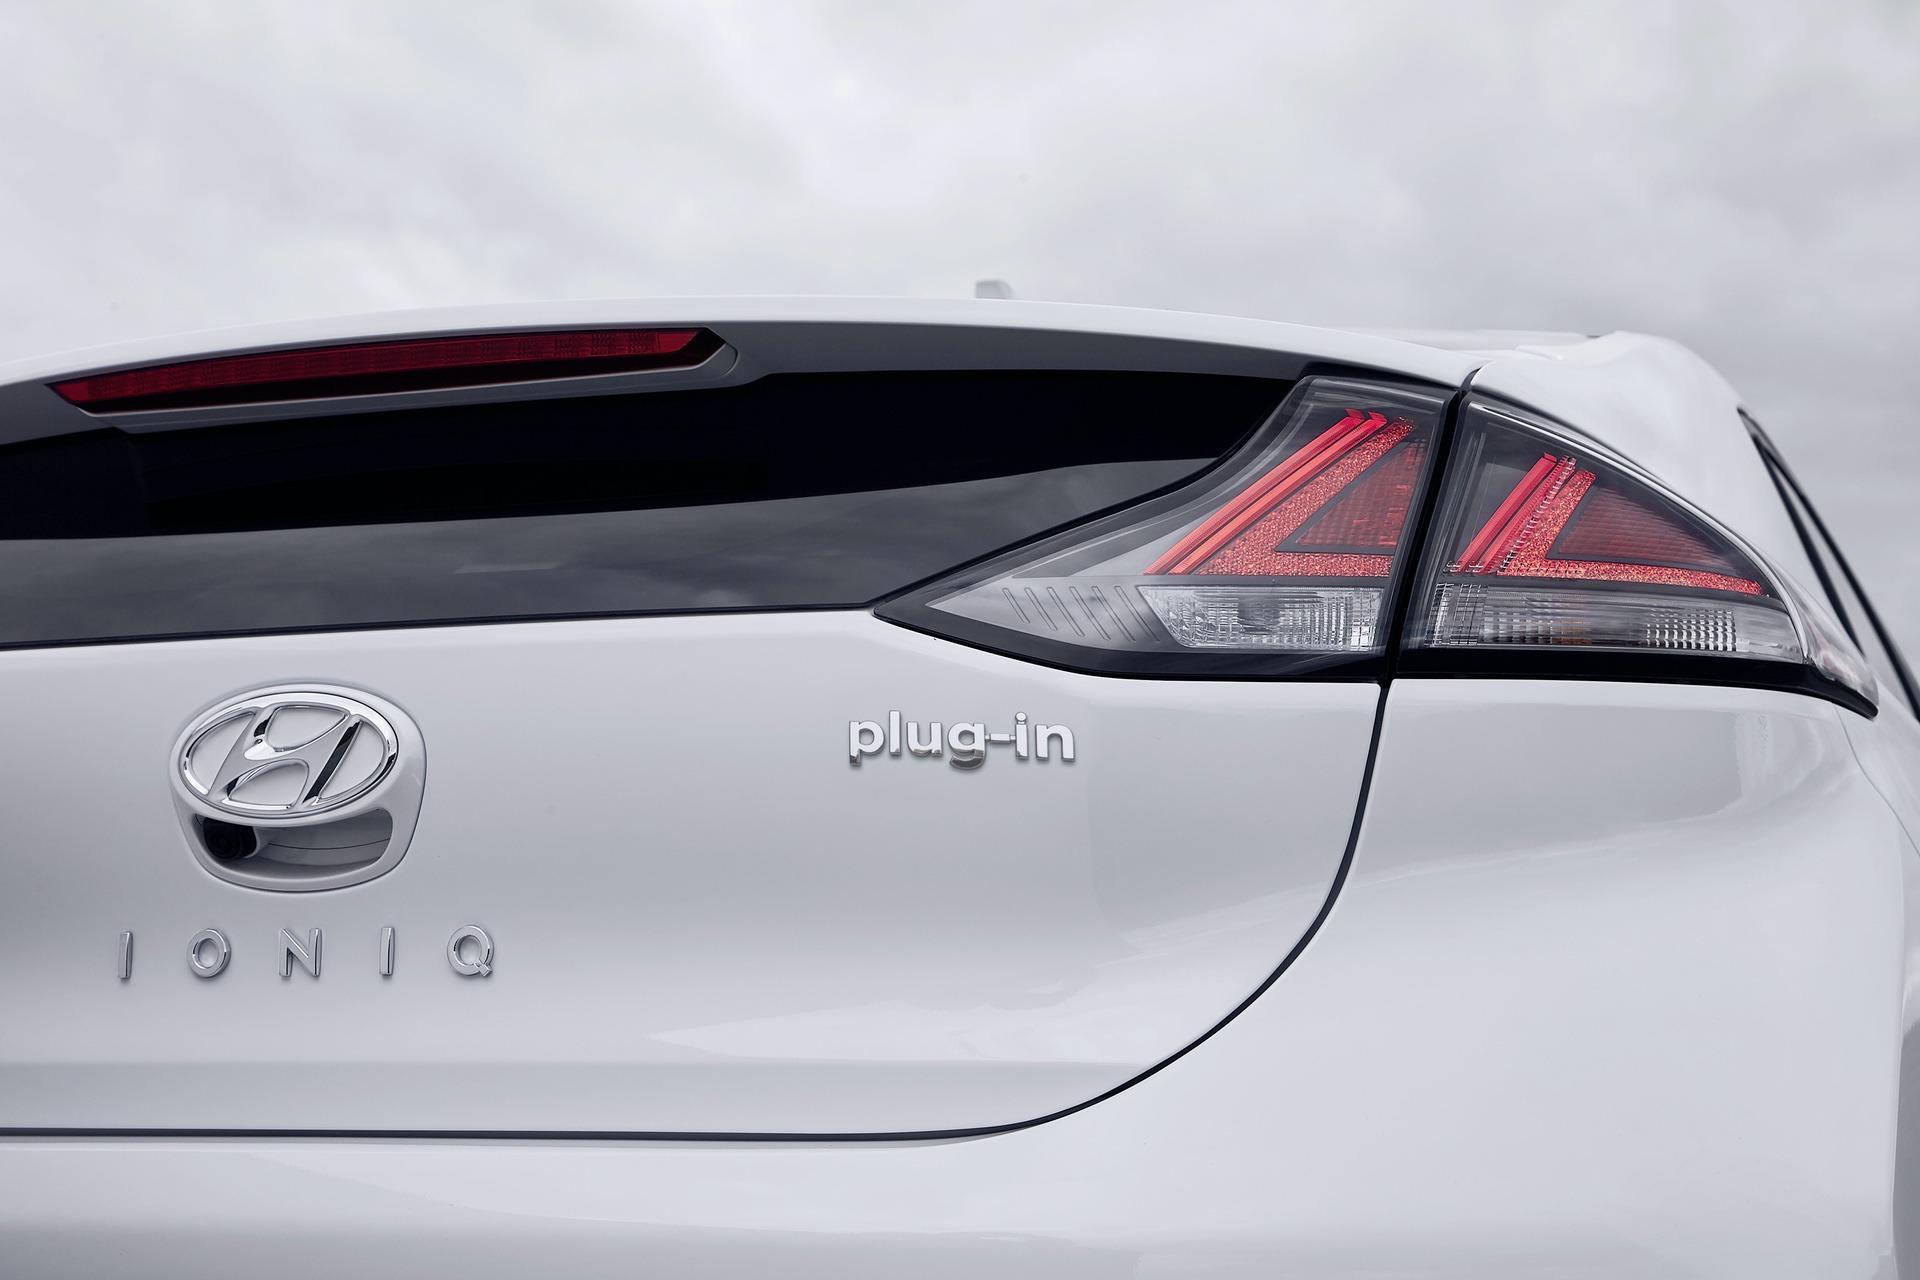 New-Hyundai-IONIQ-Plug-in-18